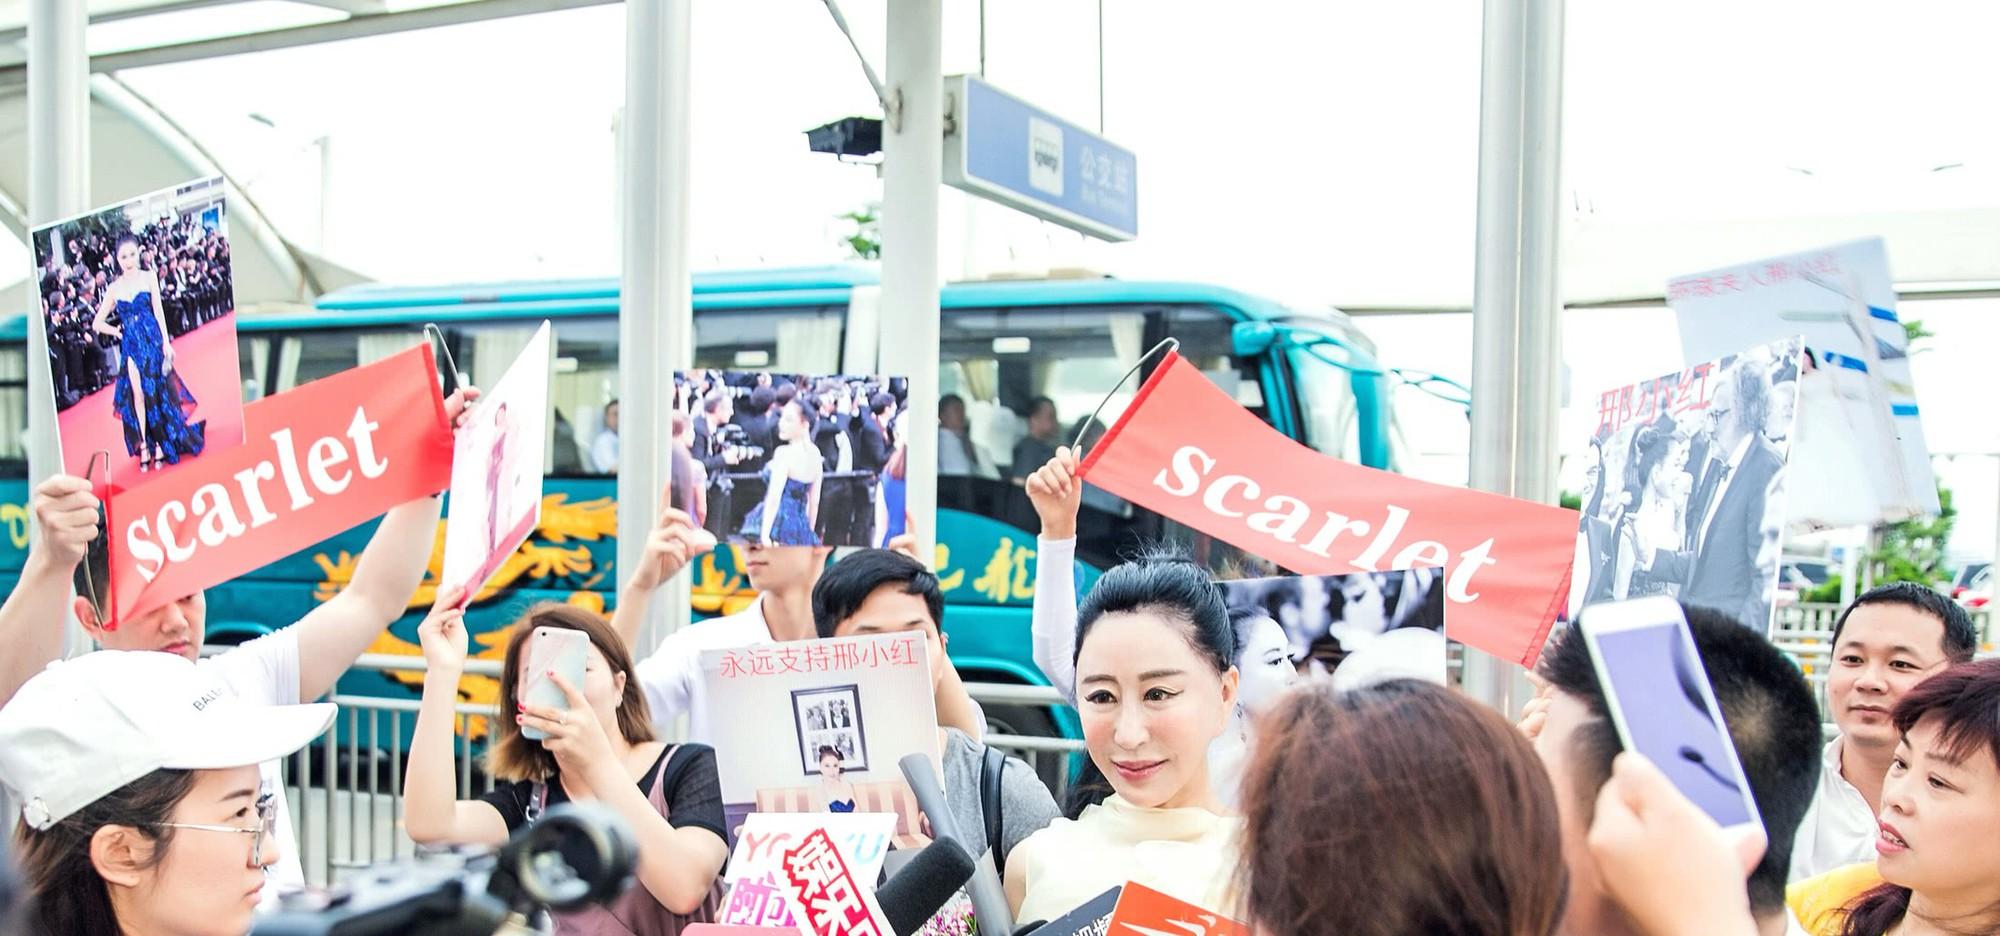 Hoa hậu Trung Quốc cố tình ngã trào ngực tại Cannes được chào đón không kém gì Phạm Băng Băng - Ảnh 6.